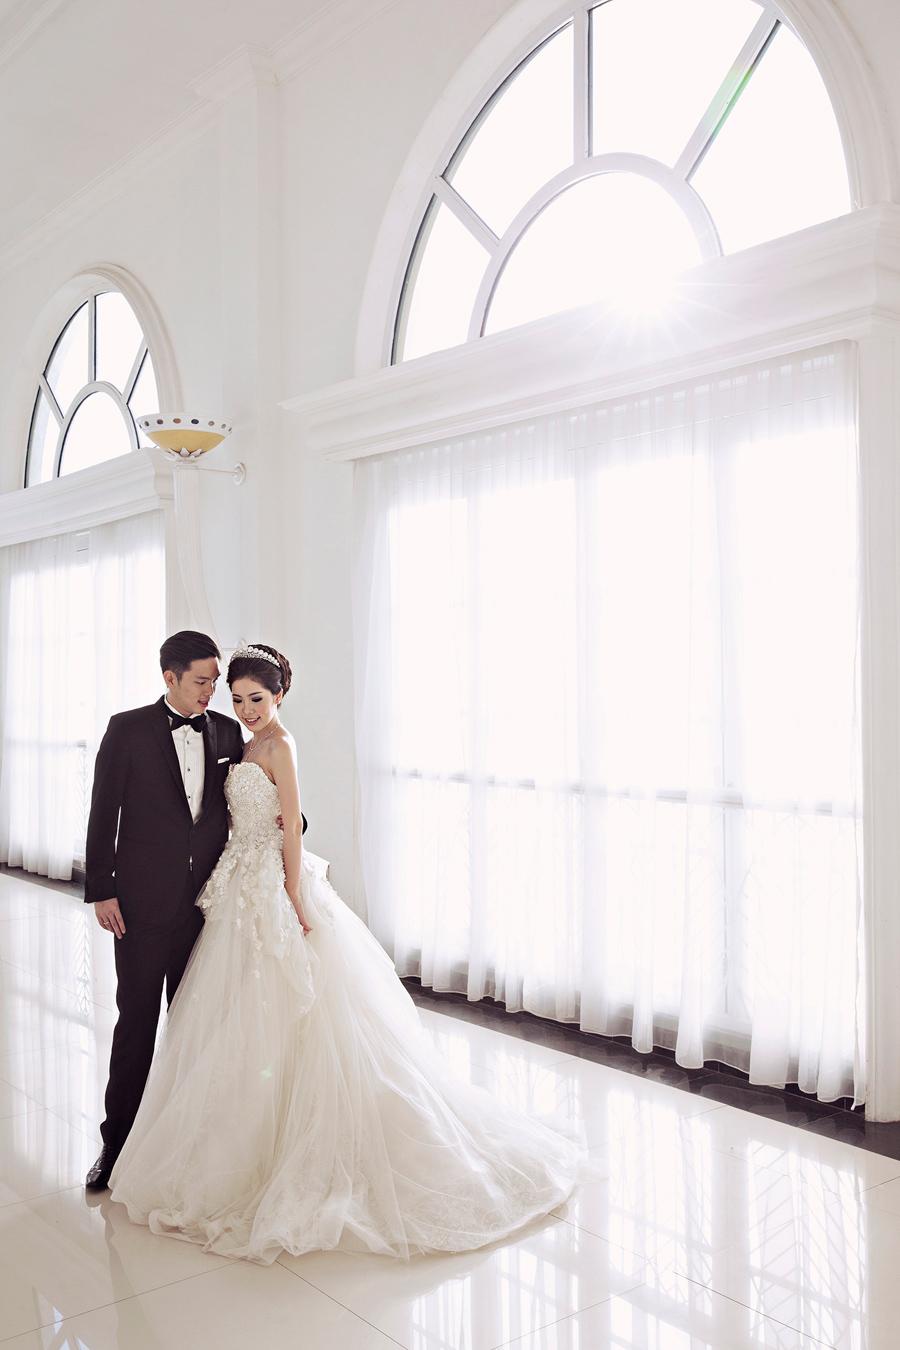 axioo-rocky-merlin-wedding-surabaya-30